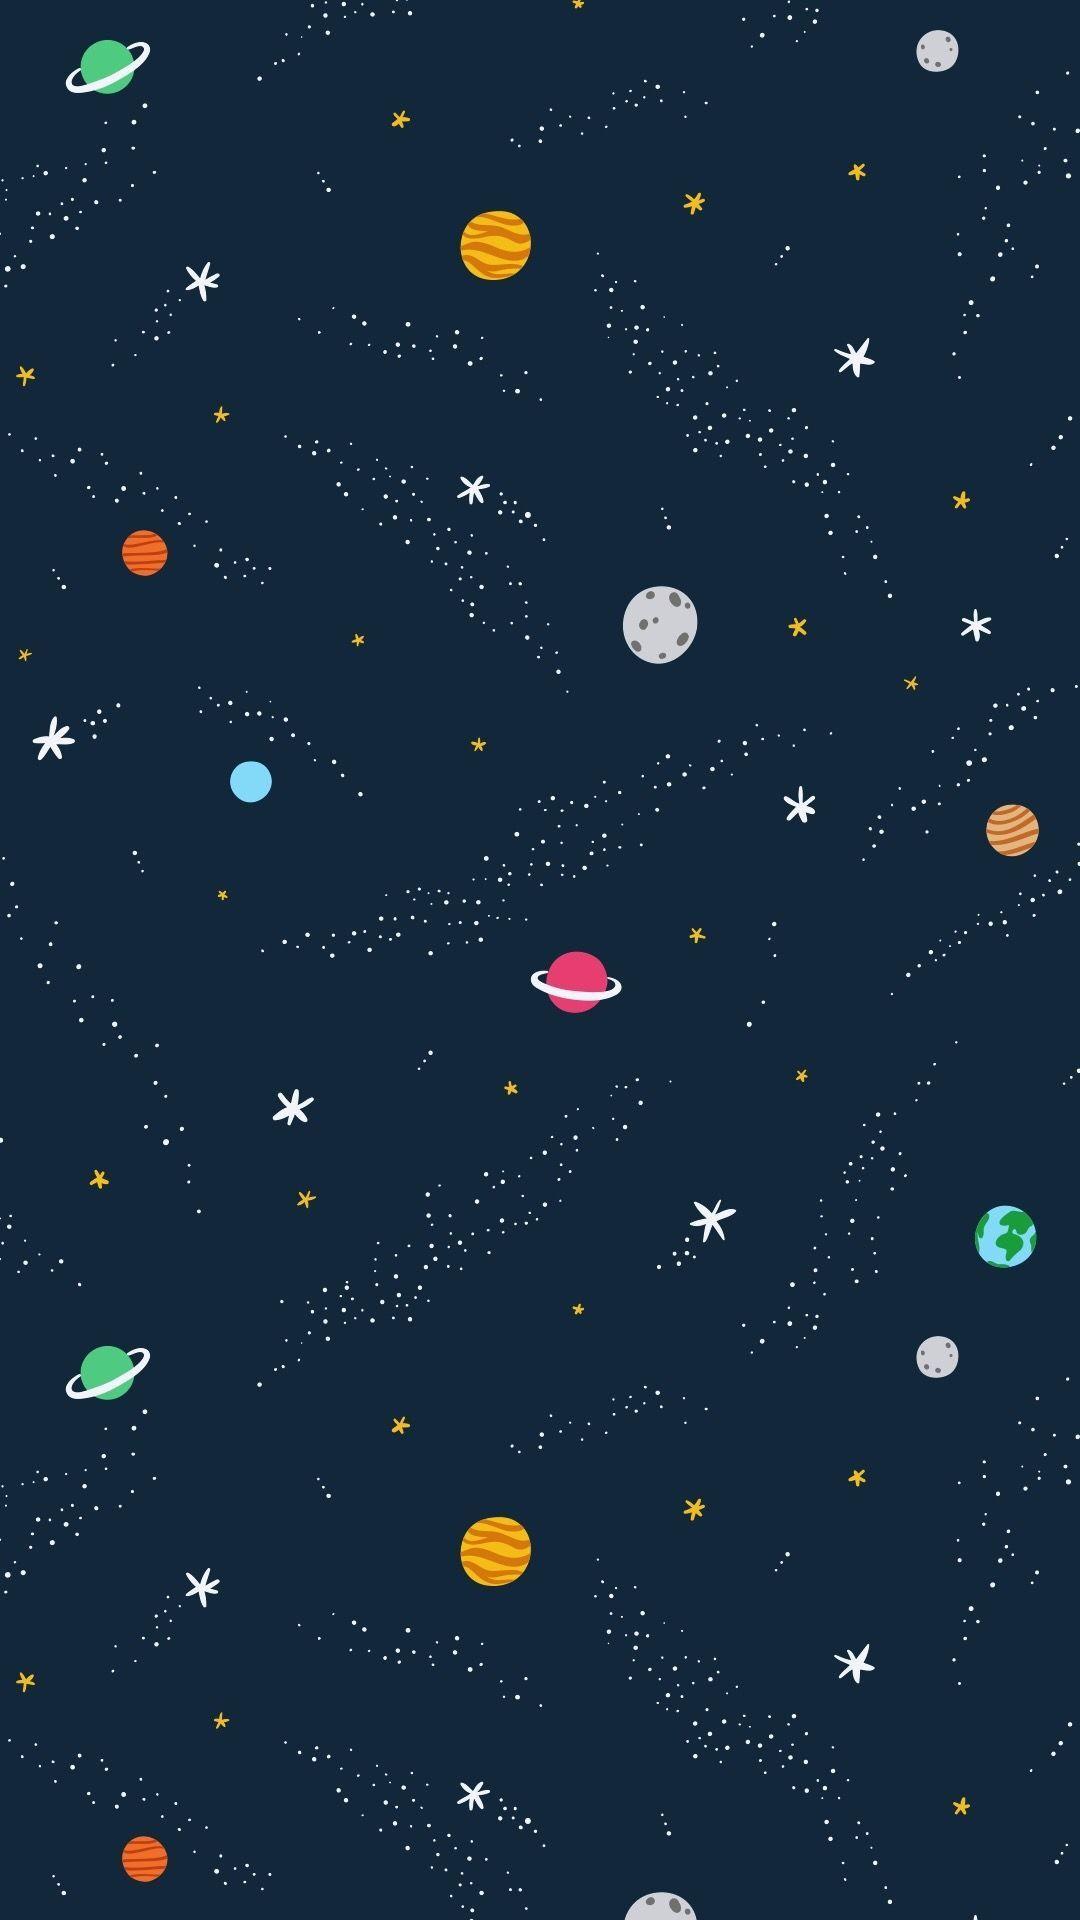 Resultado De Imagem Para Wallpaper Hd Celular Wallpaper Fofos Tumblr Wallpaper Iphone De Fundo